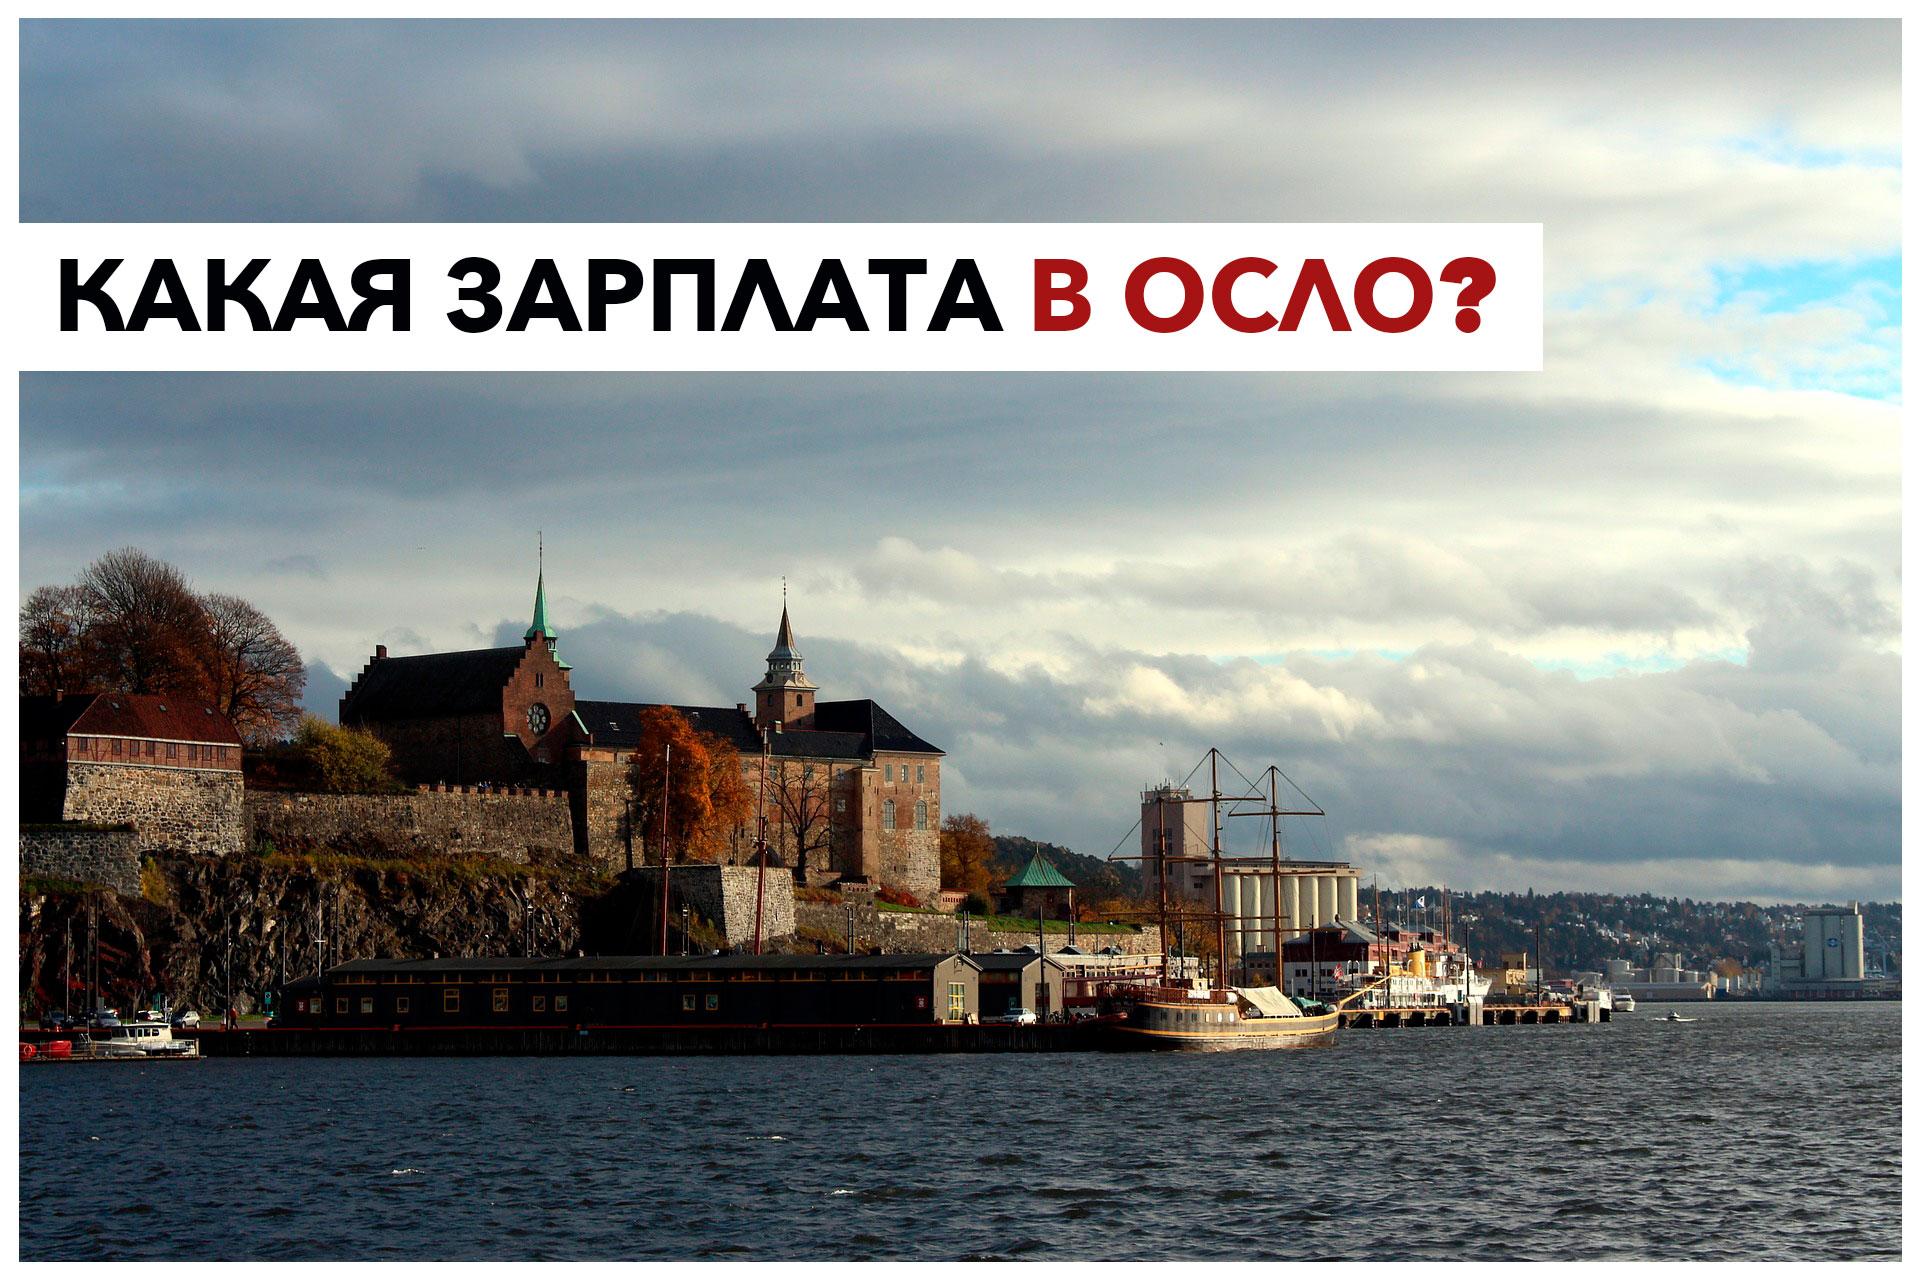 Средняя зарплата в Осло, Норвегии и уровень жизни